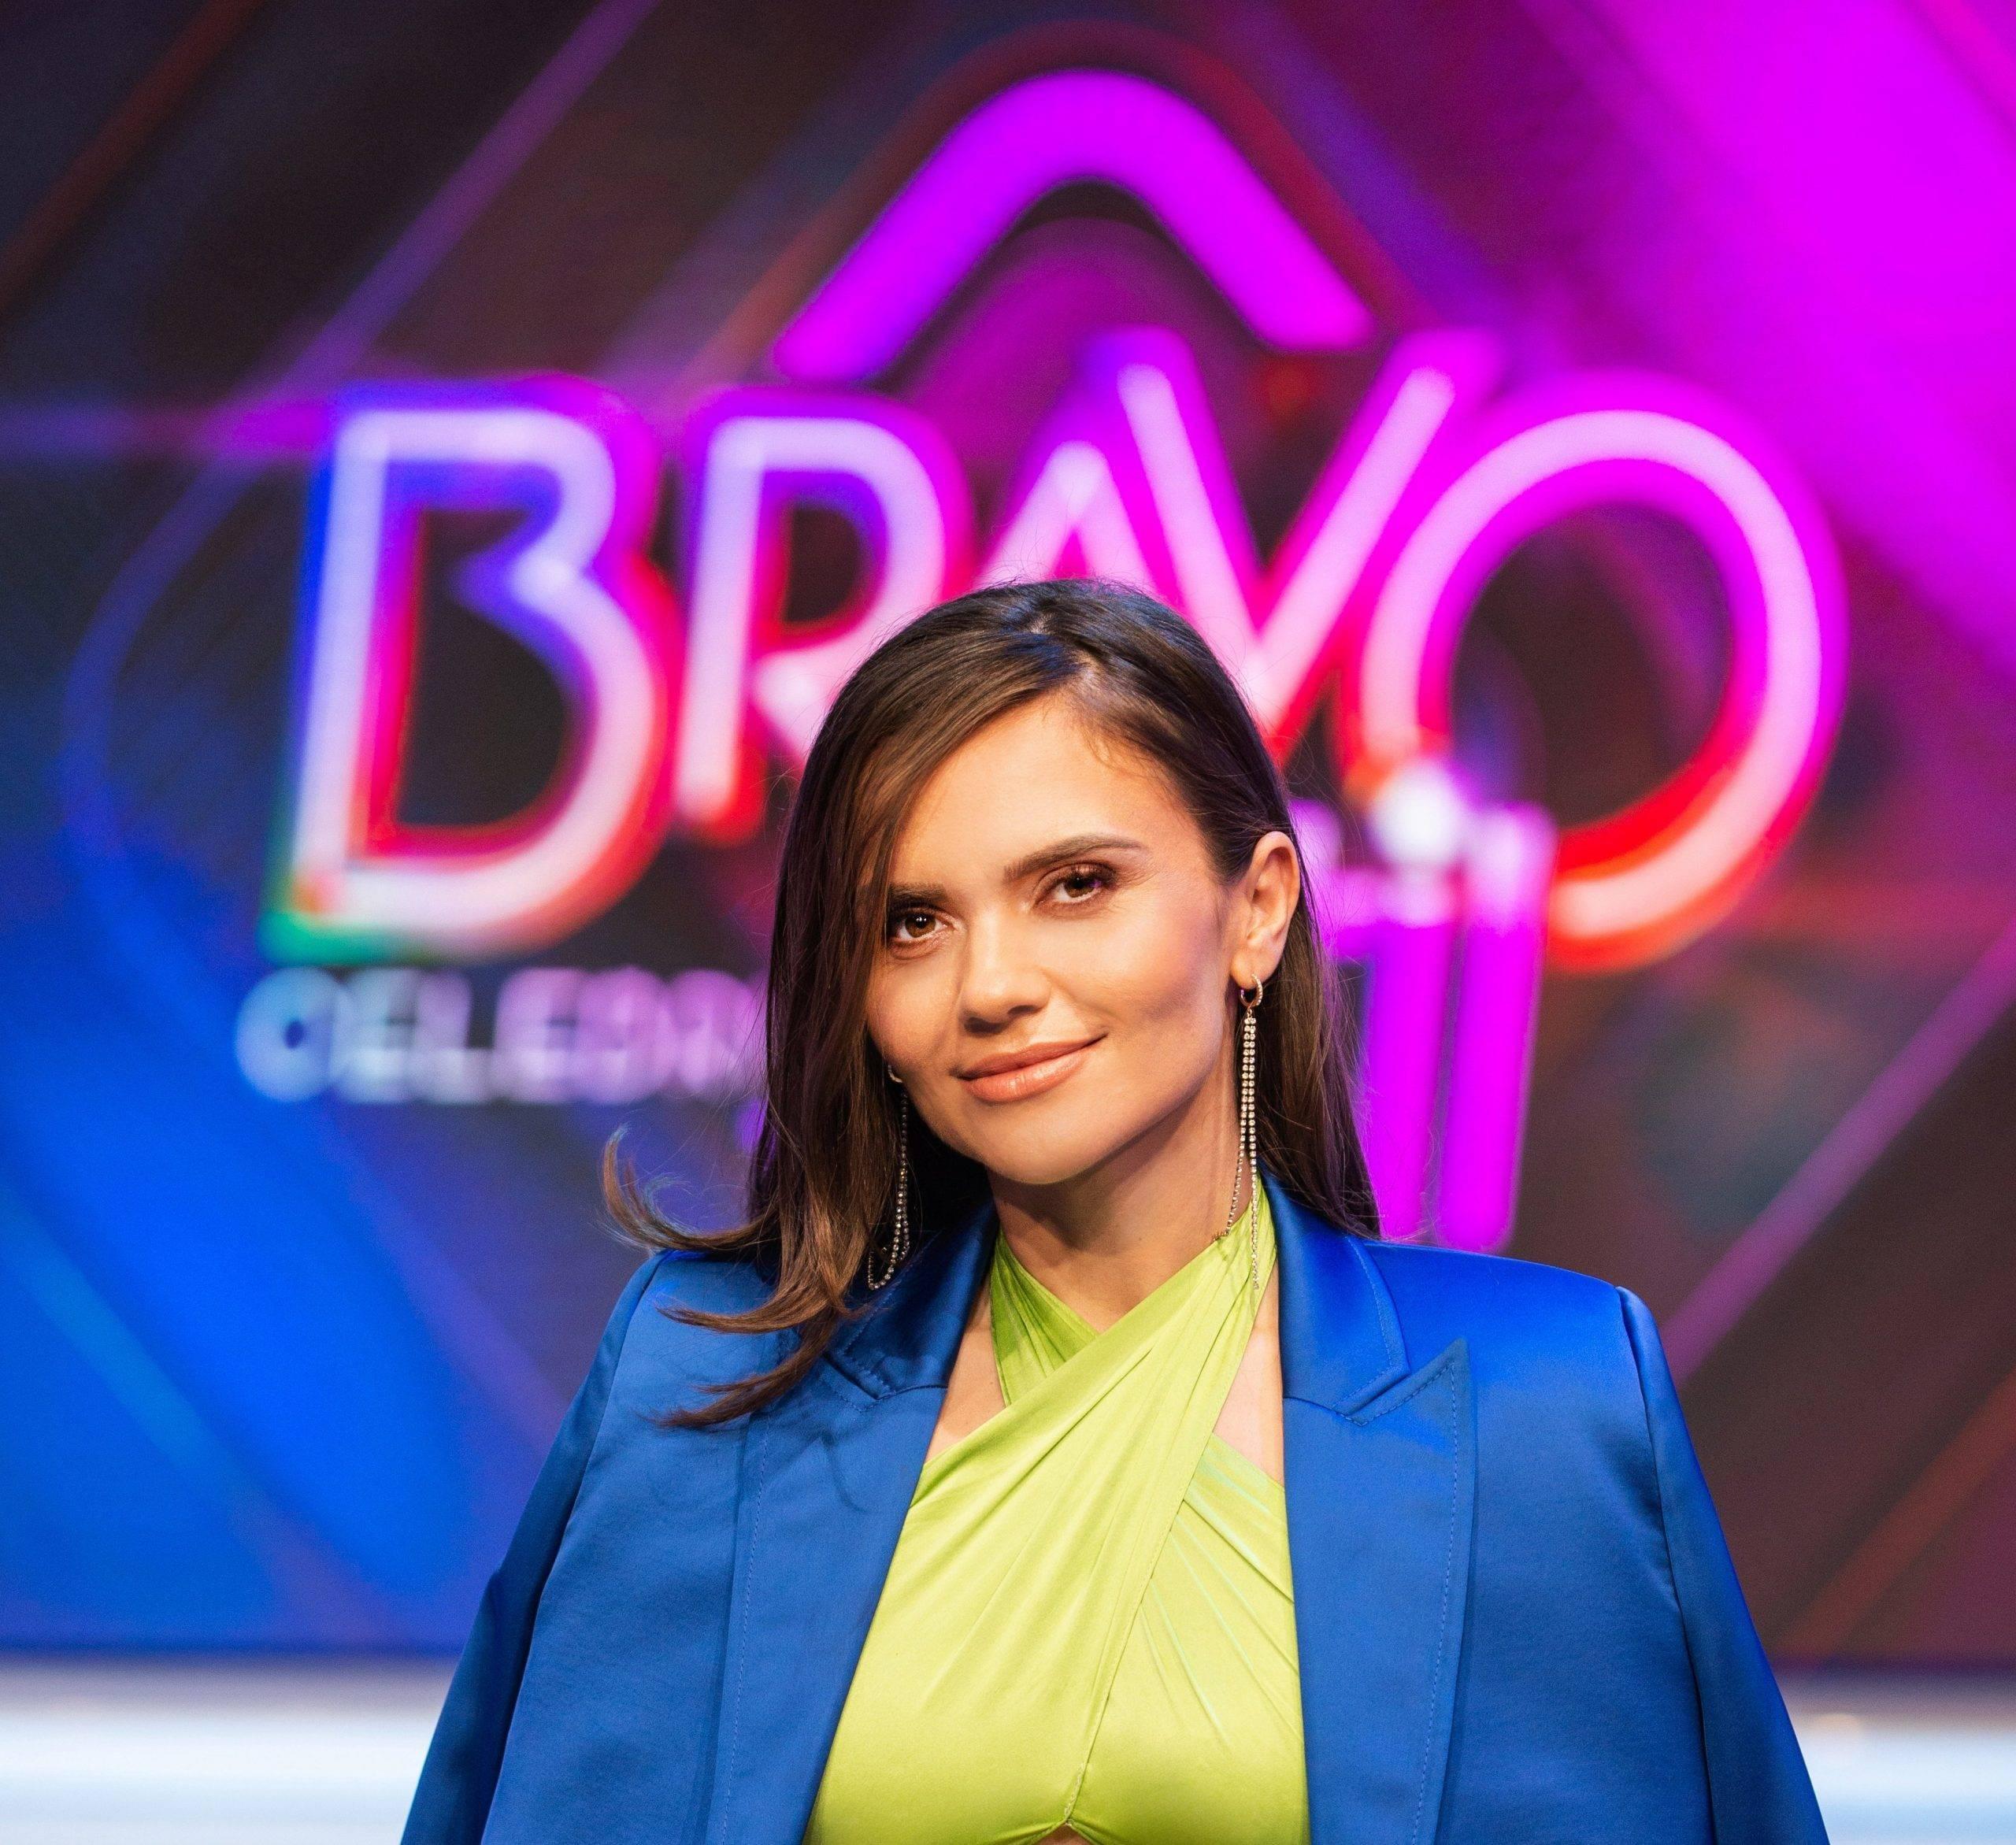 """Cristina Șișcanu face primele declarații după discutiile din cadrul emisiunii """"Mămici de pitici, cu lipici"""""""